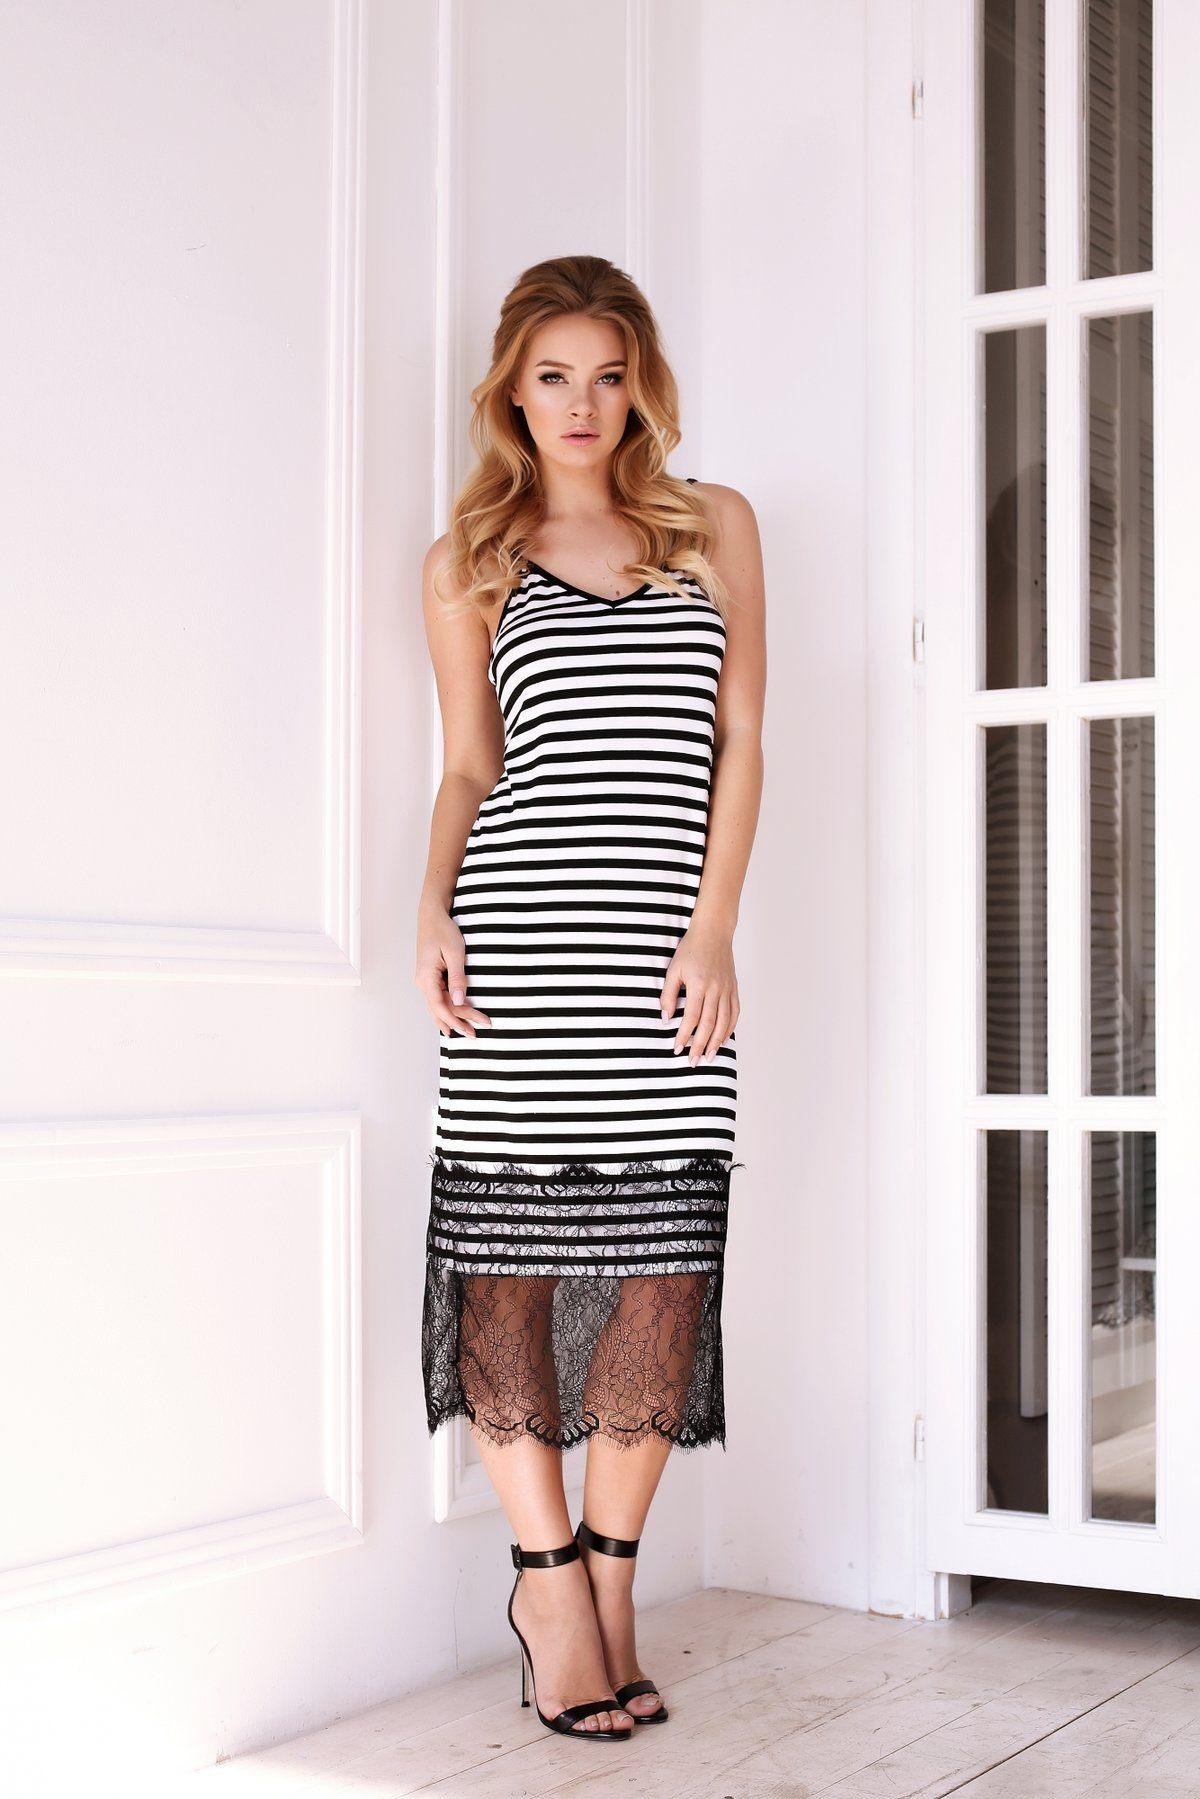 Πλεκτά είναι το πιο βολικό και άνετο υλικό για τη μοντέρνα γυναικεία μόδα. Πλεκτά  φορέματα φαίνονται κατάλληλα σε οποιαδήποτε εικόνα a05a54b13f3